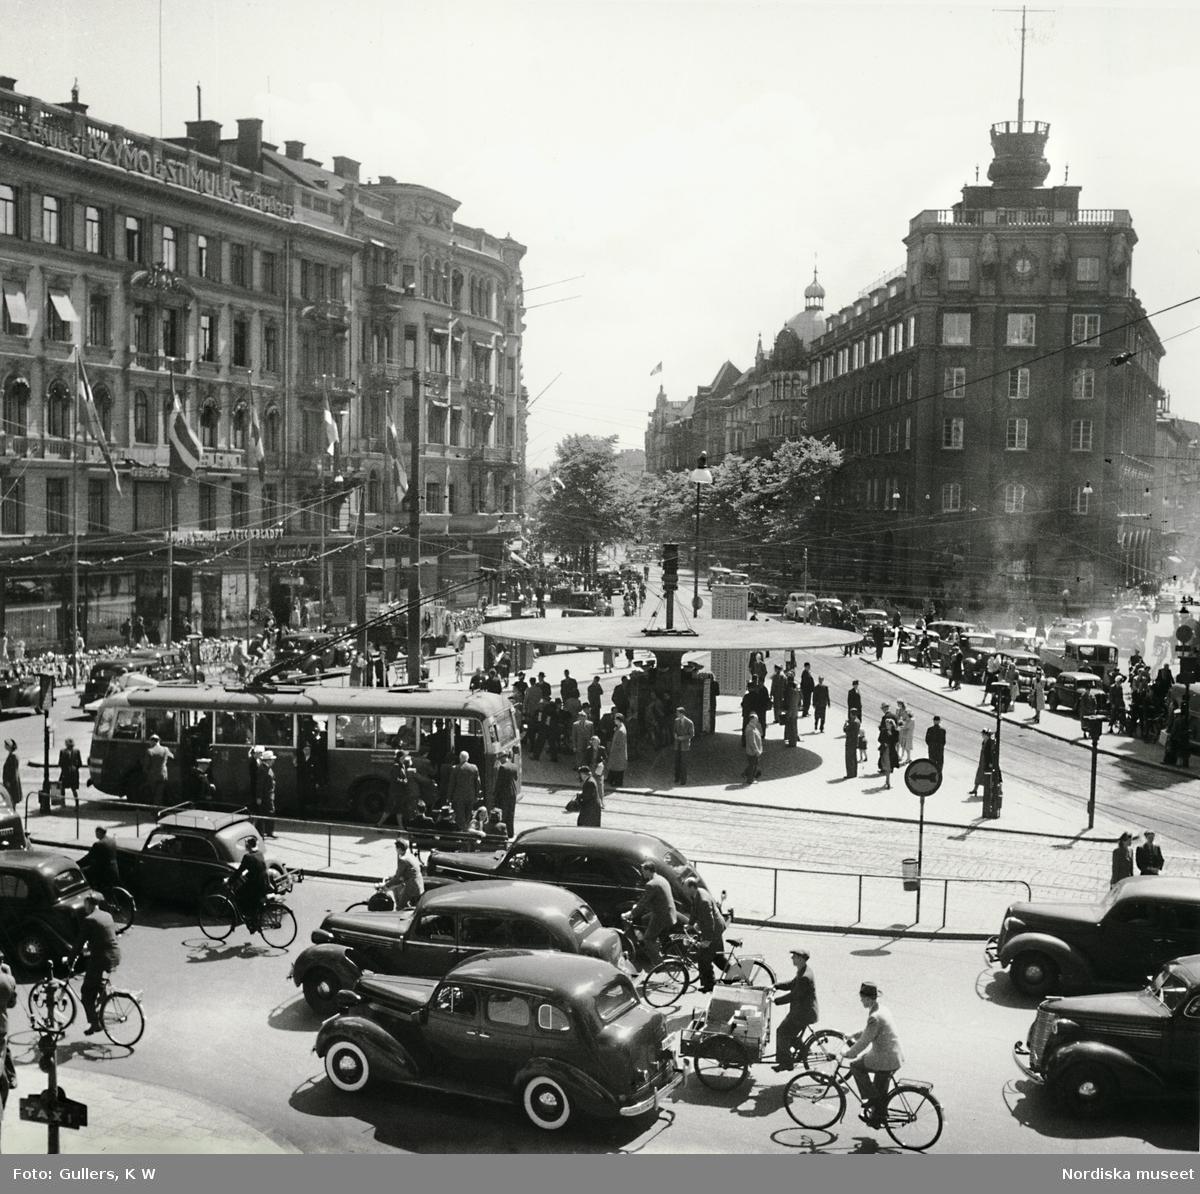 Stadsbild från Stureplan i Stockholm. Trafik och människor rör sig kring Svampen en solig sommardag.